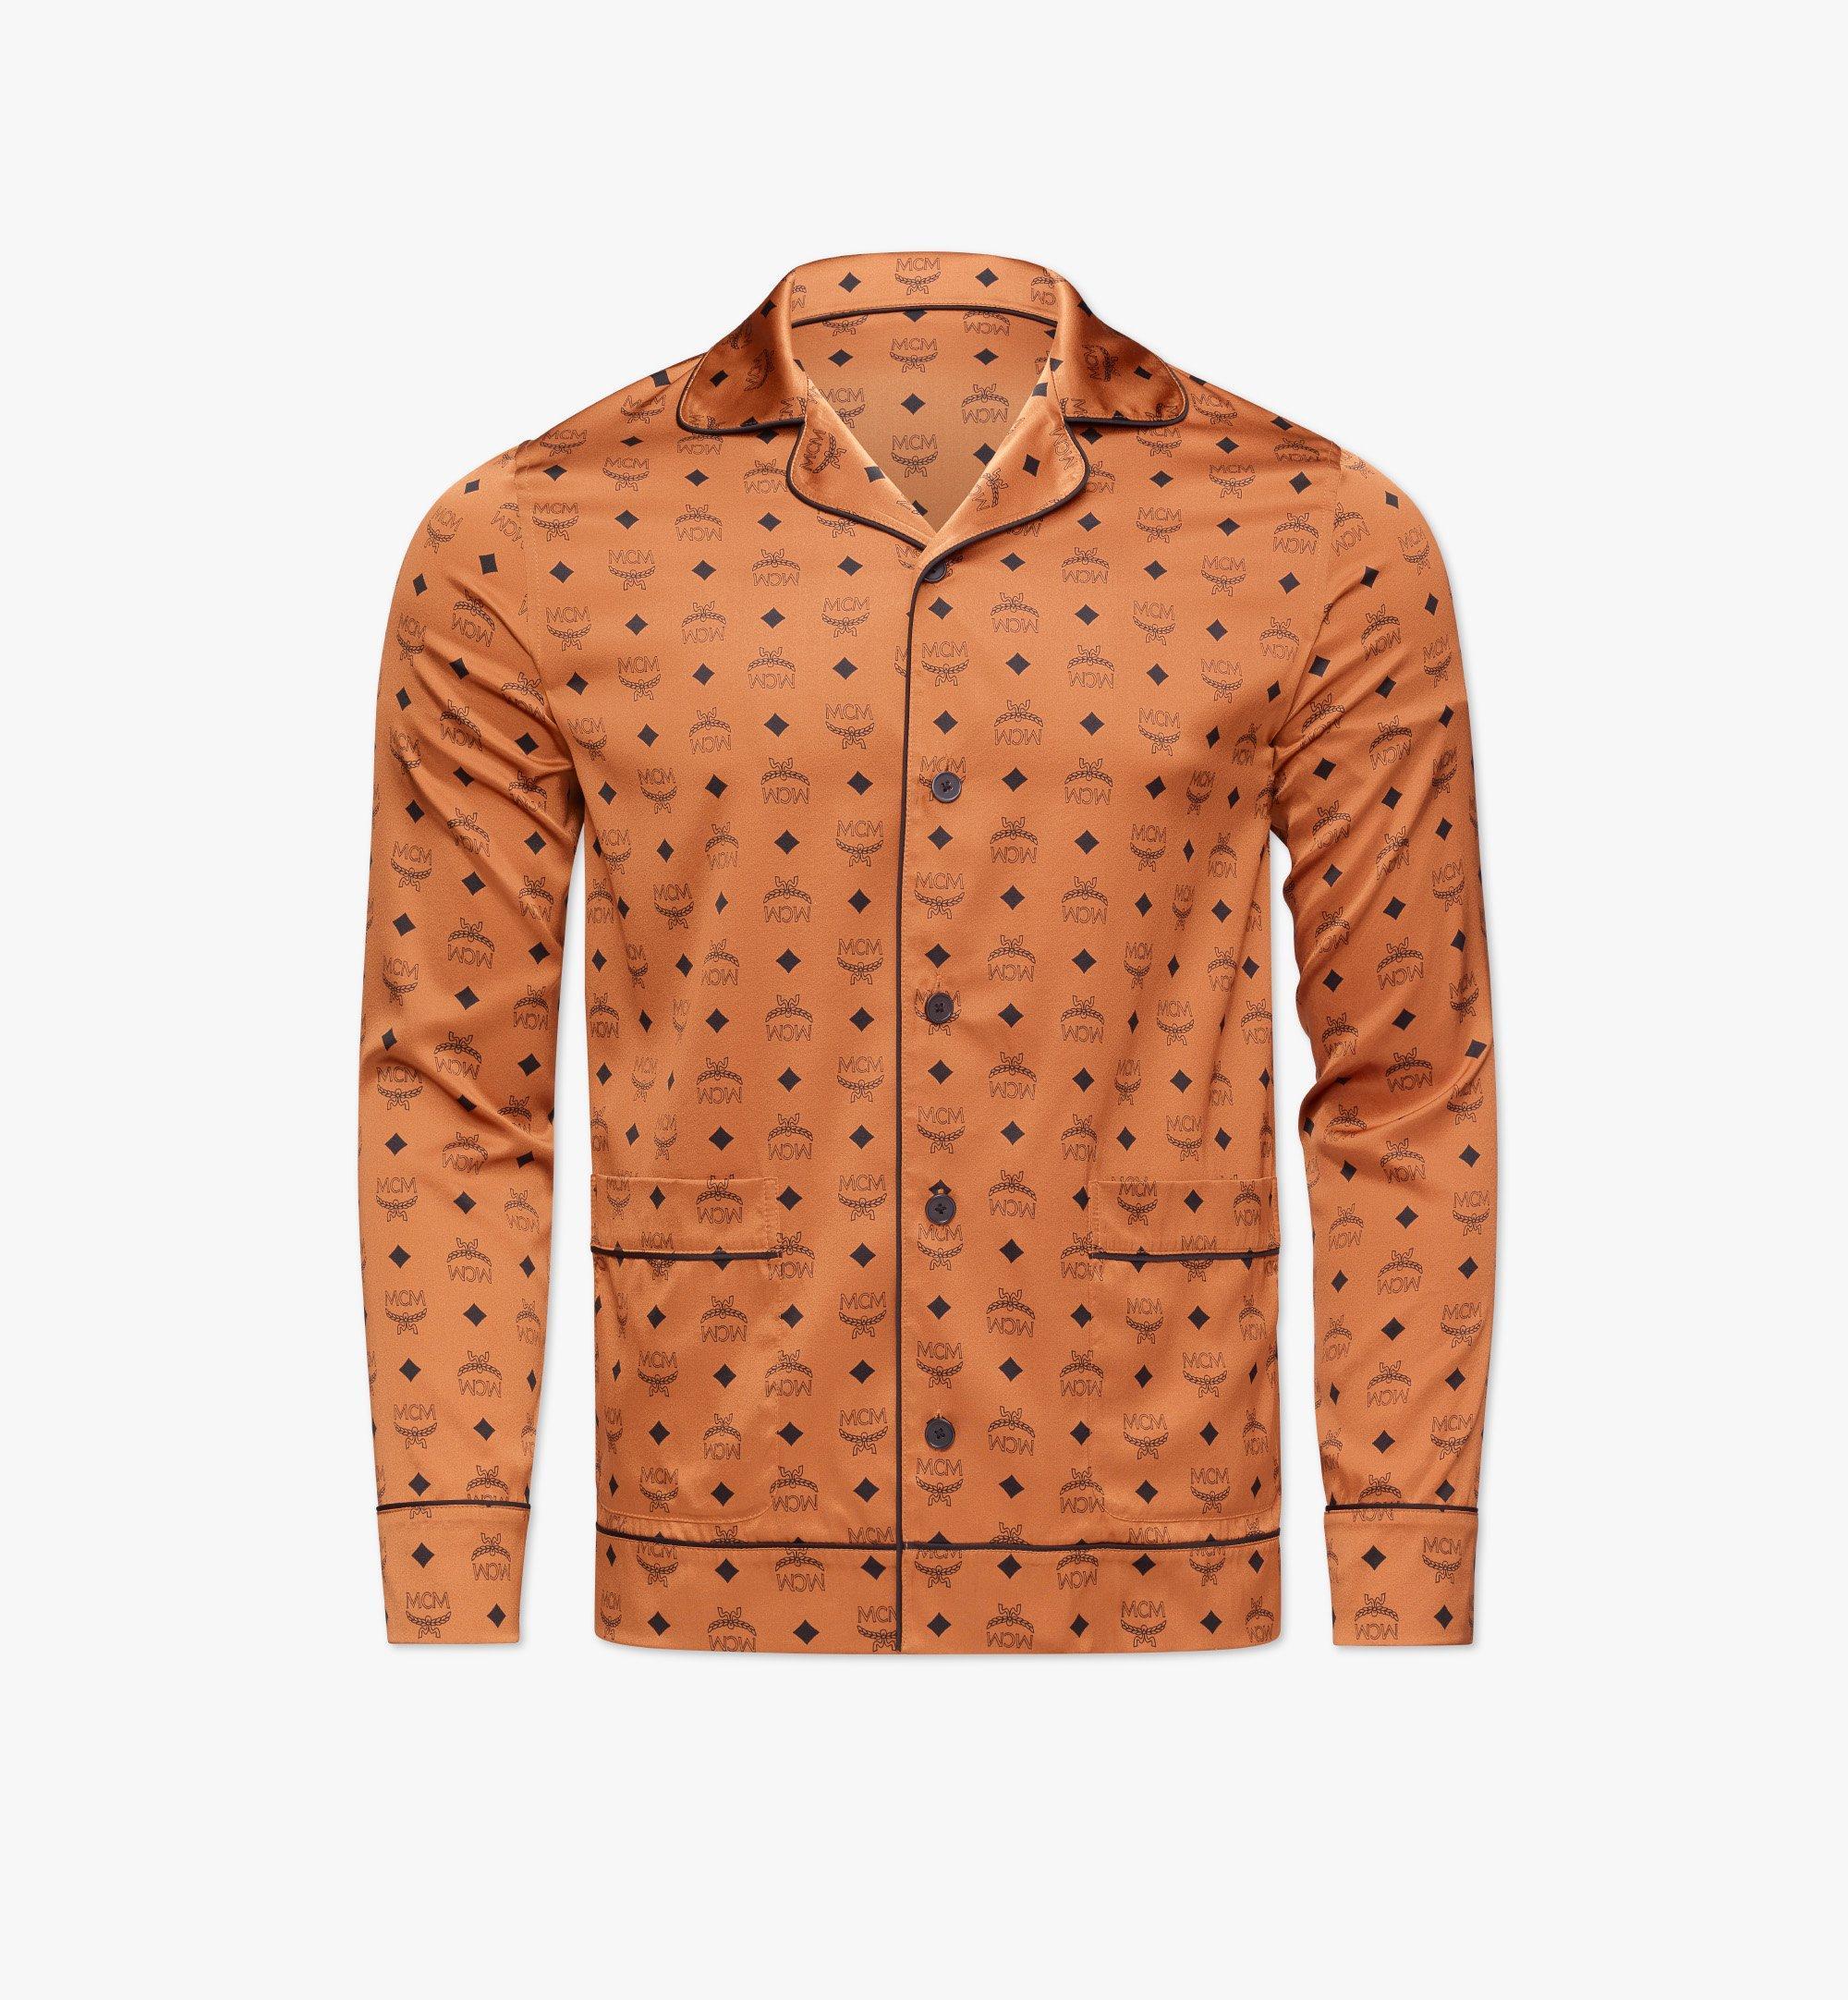 MCM Klassisches Pyjamahemd aus Seide mit Logo Cognac MHXBSMM08CO0XL Noch mehr sehen 1